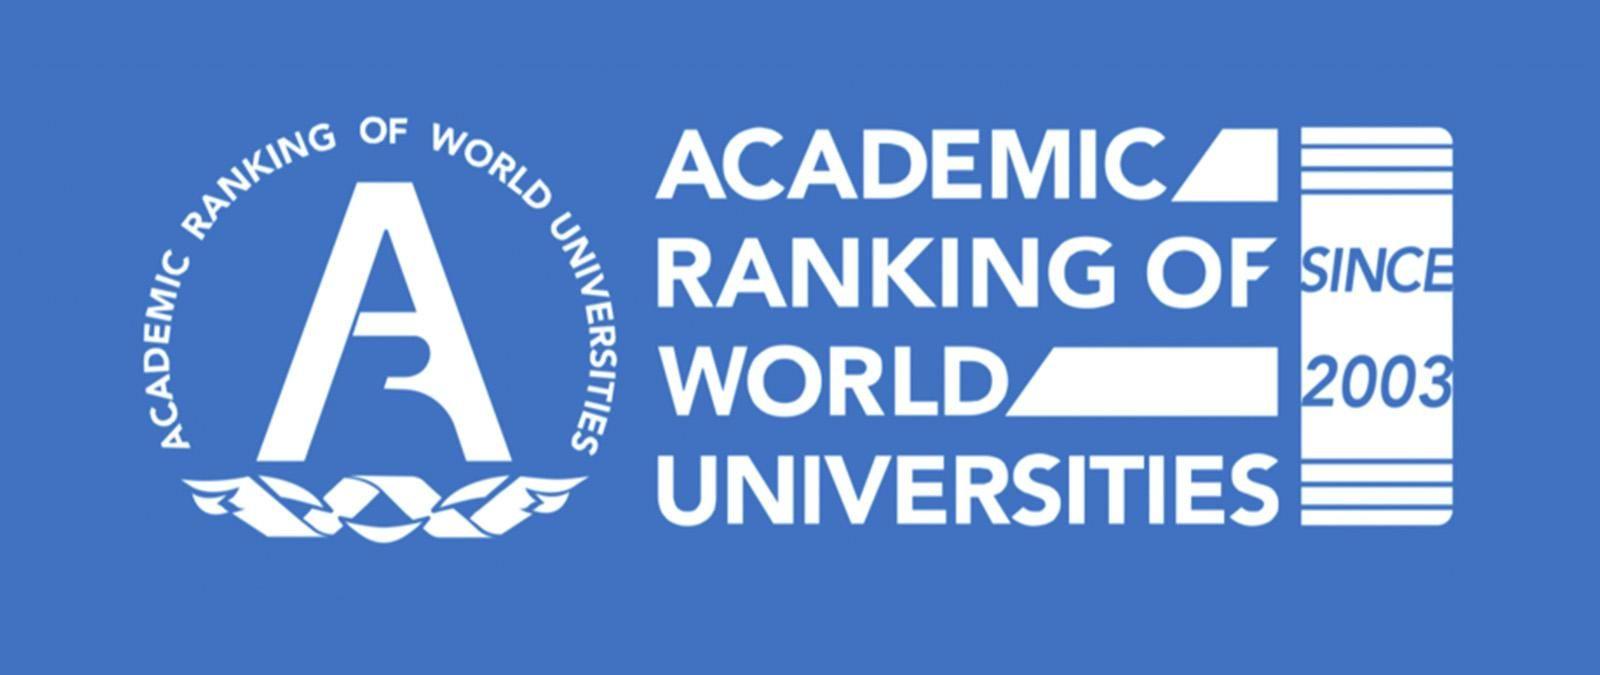 Les universités de Nouvelle-Angleterre dans le classement de Shanghai 2020